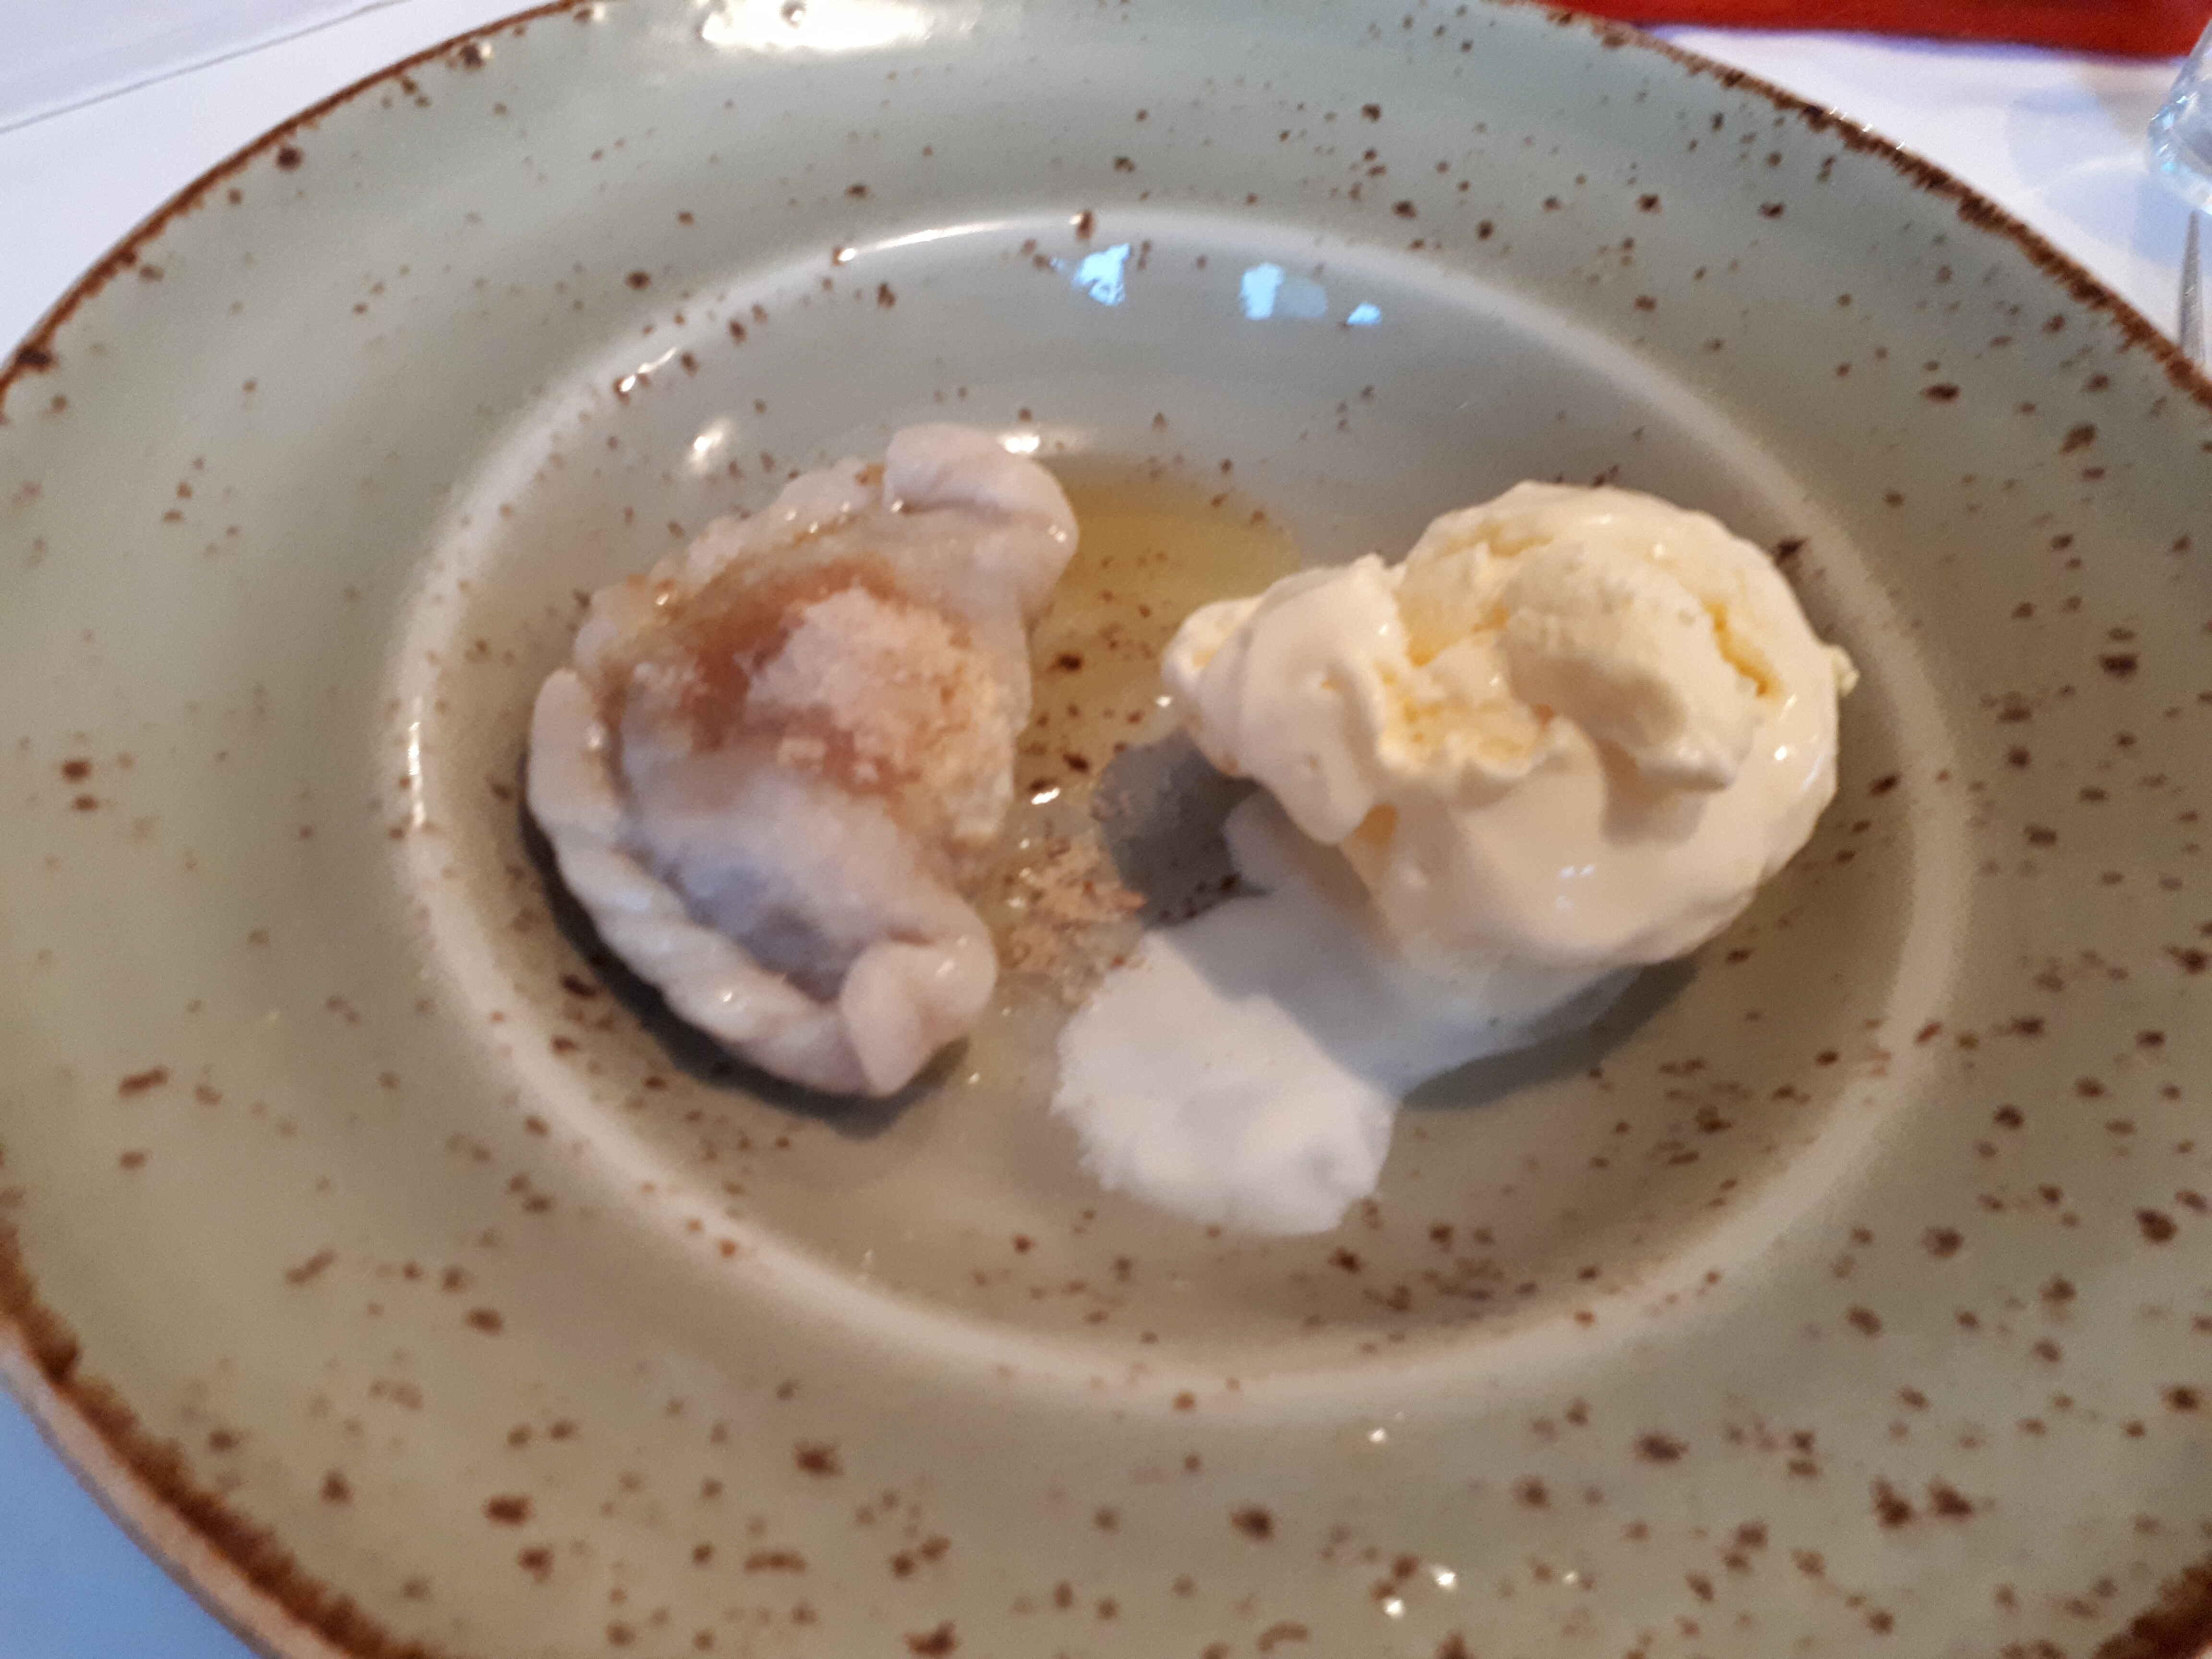 Bild zur Nachricht von Sparrenburg Restaurant